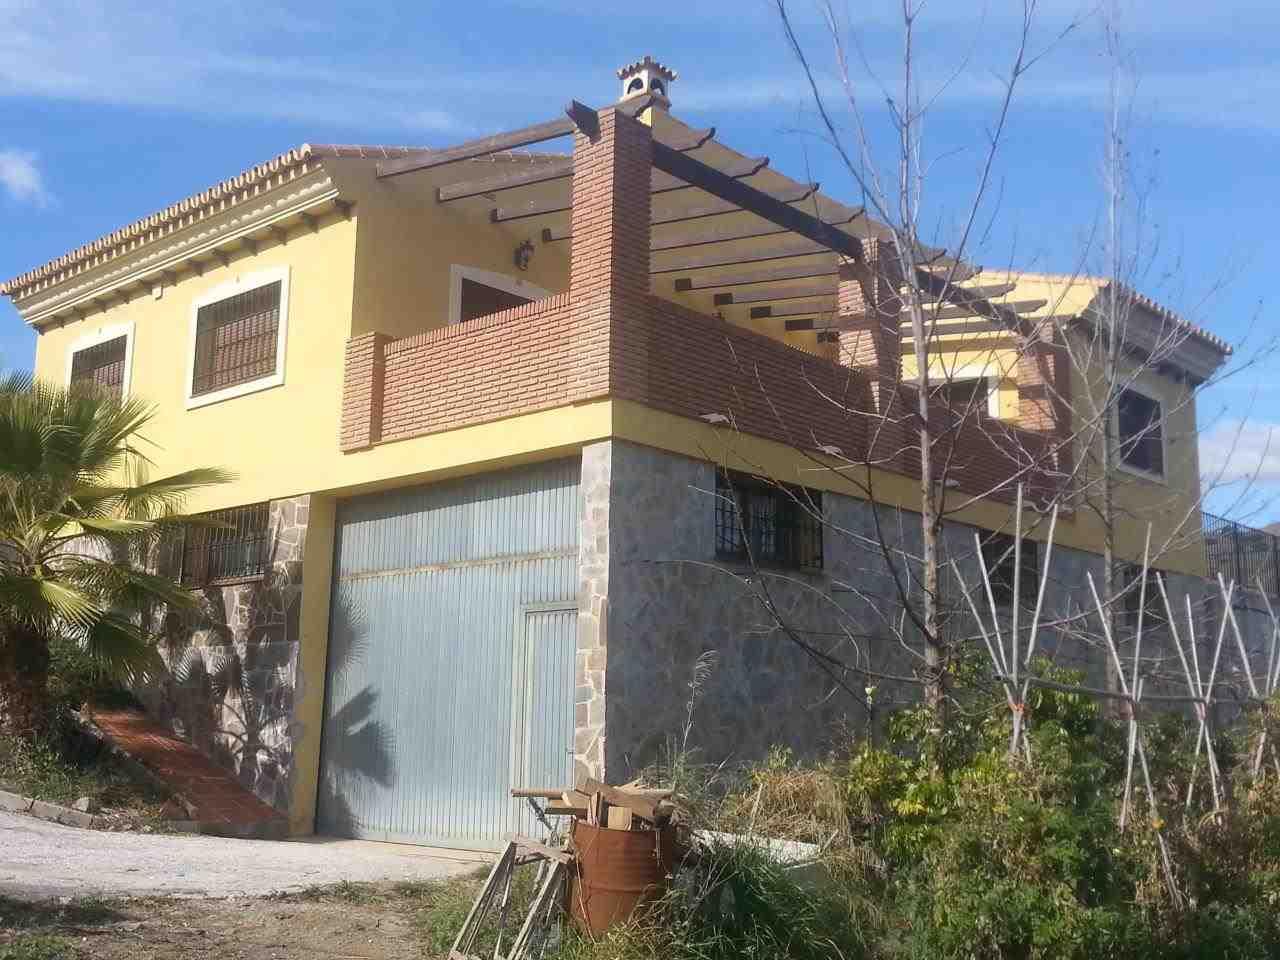 Alquiler vacacional Rincón de la Victoria, Málaga